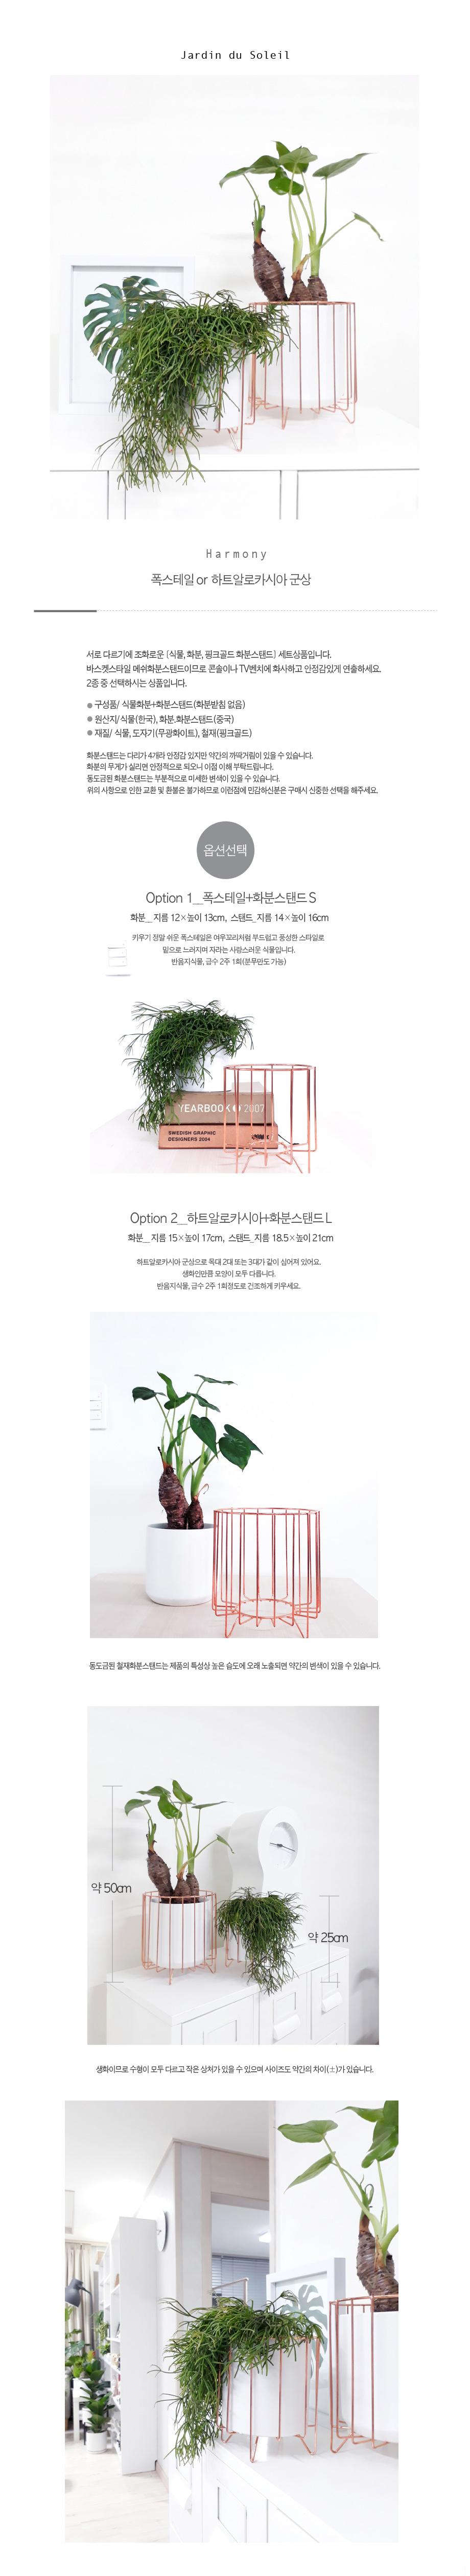 폭스테일 or 하트알로카시아 군상 화분스탠드세트 - 태양의 정원, 36,000원, 허브/다육/선인장, 공기정화식물